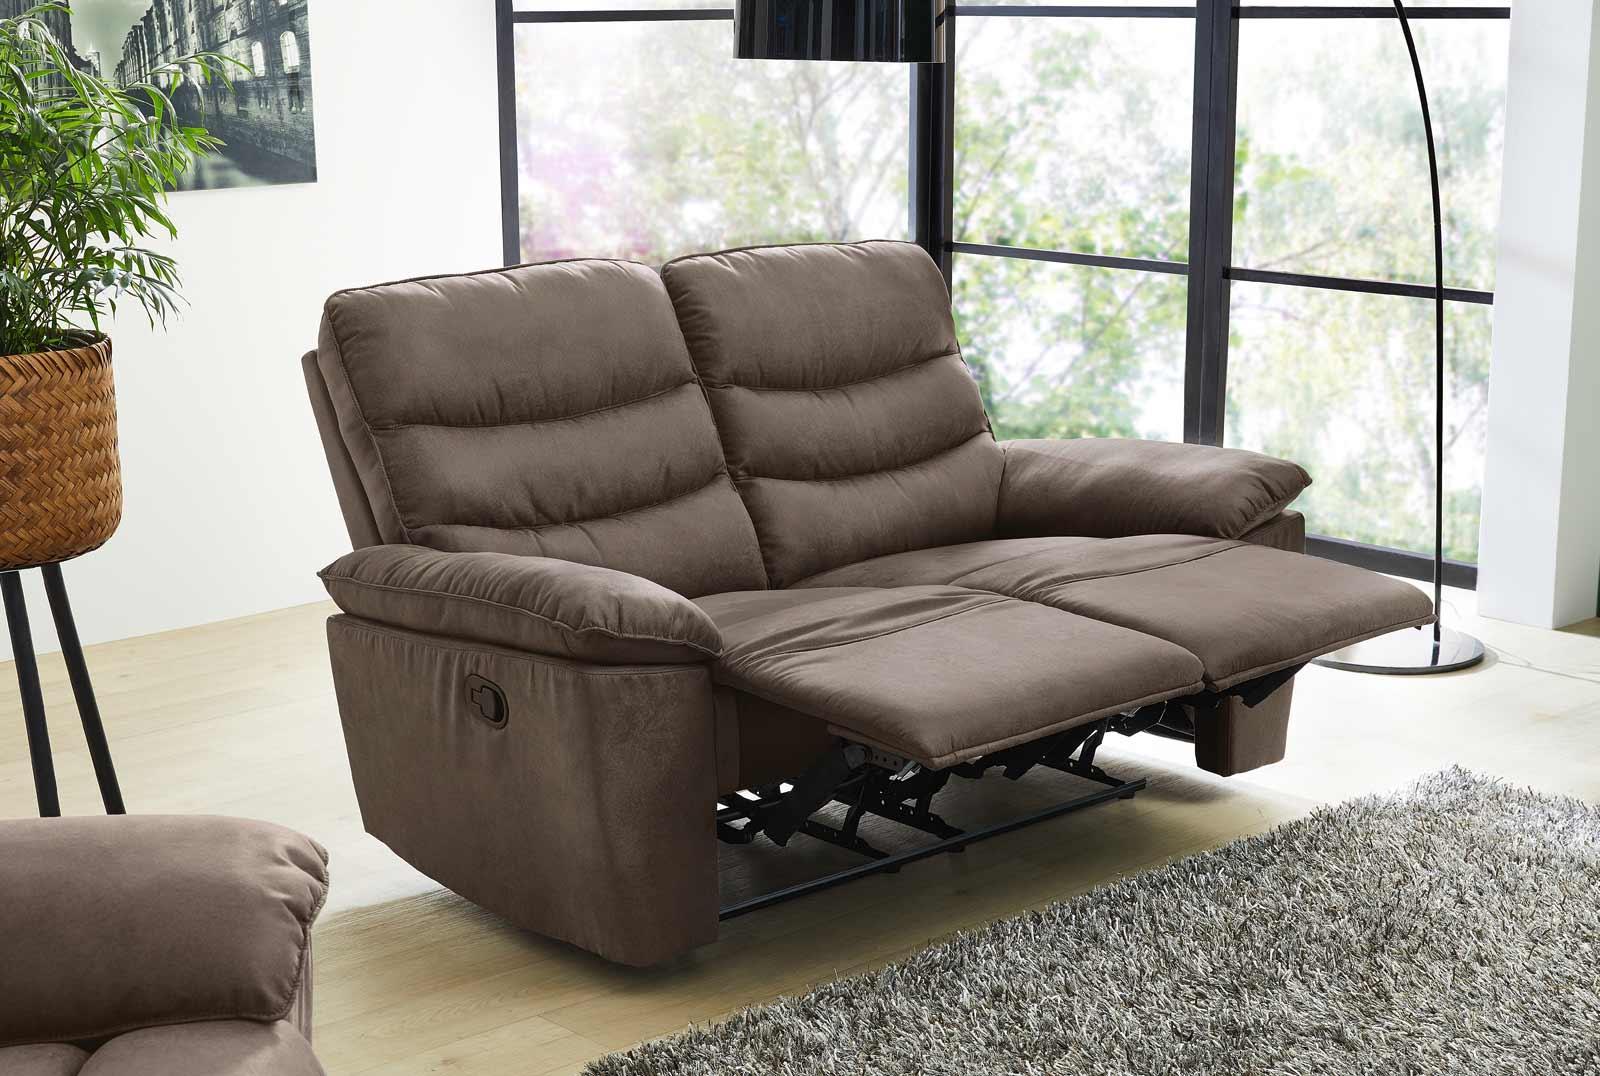 2 Sitzer Sofa Mit Liegefunktion